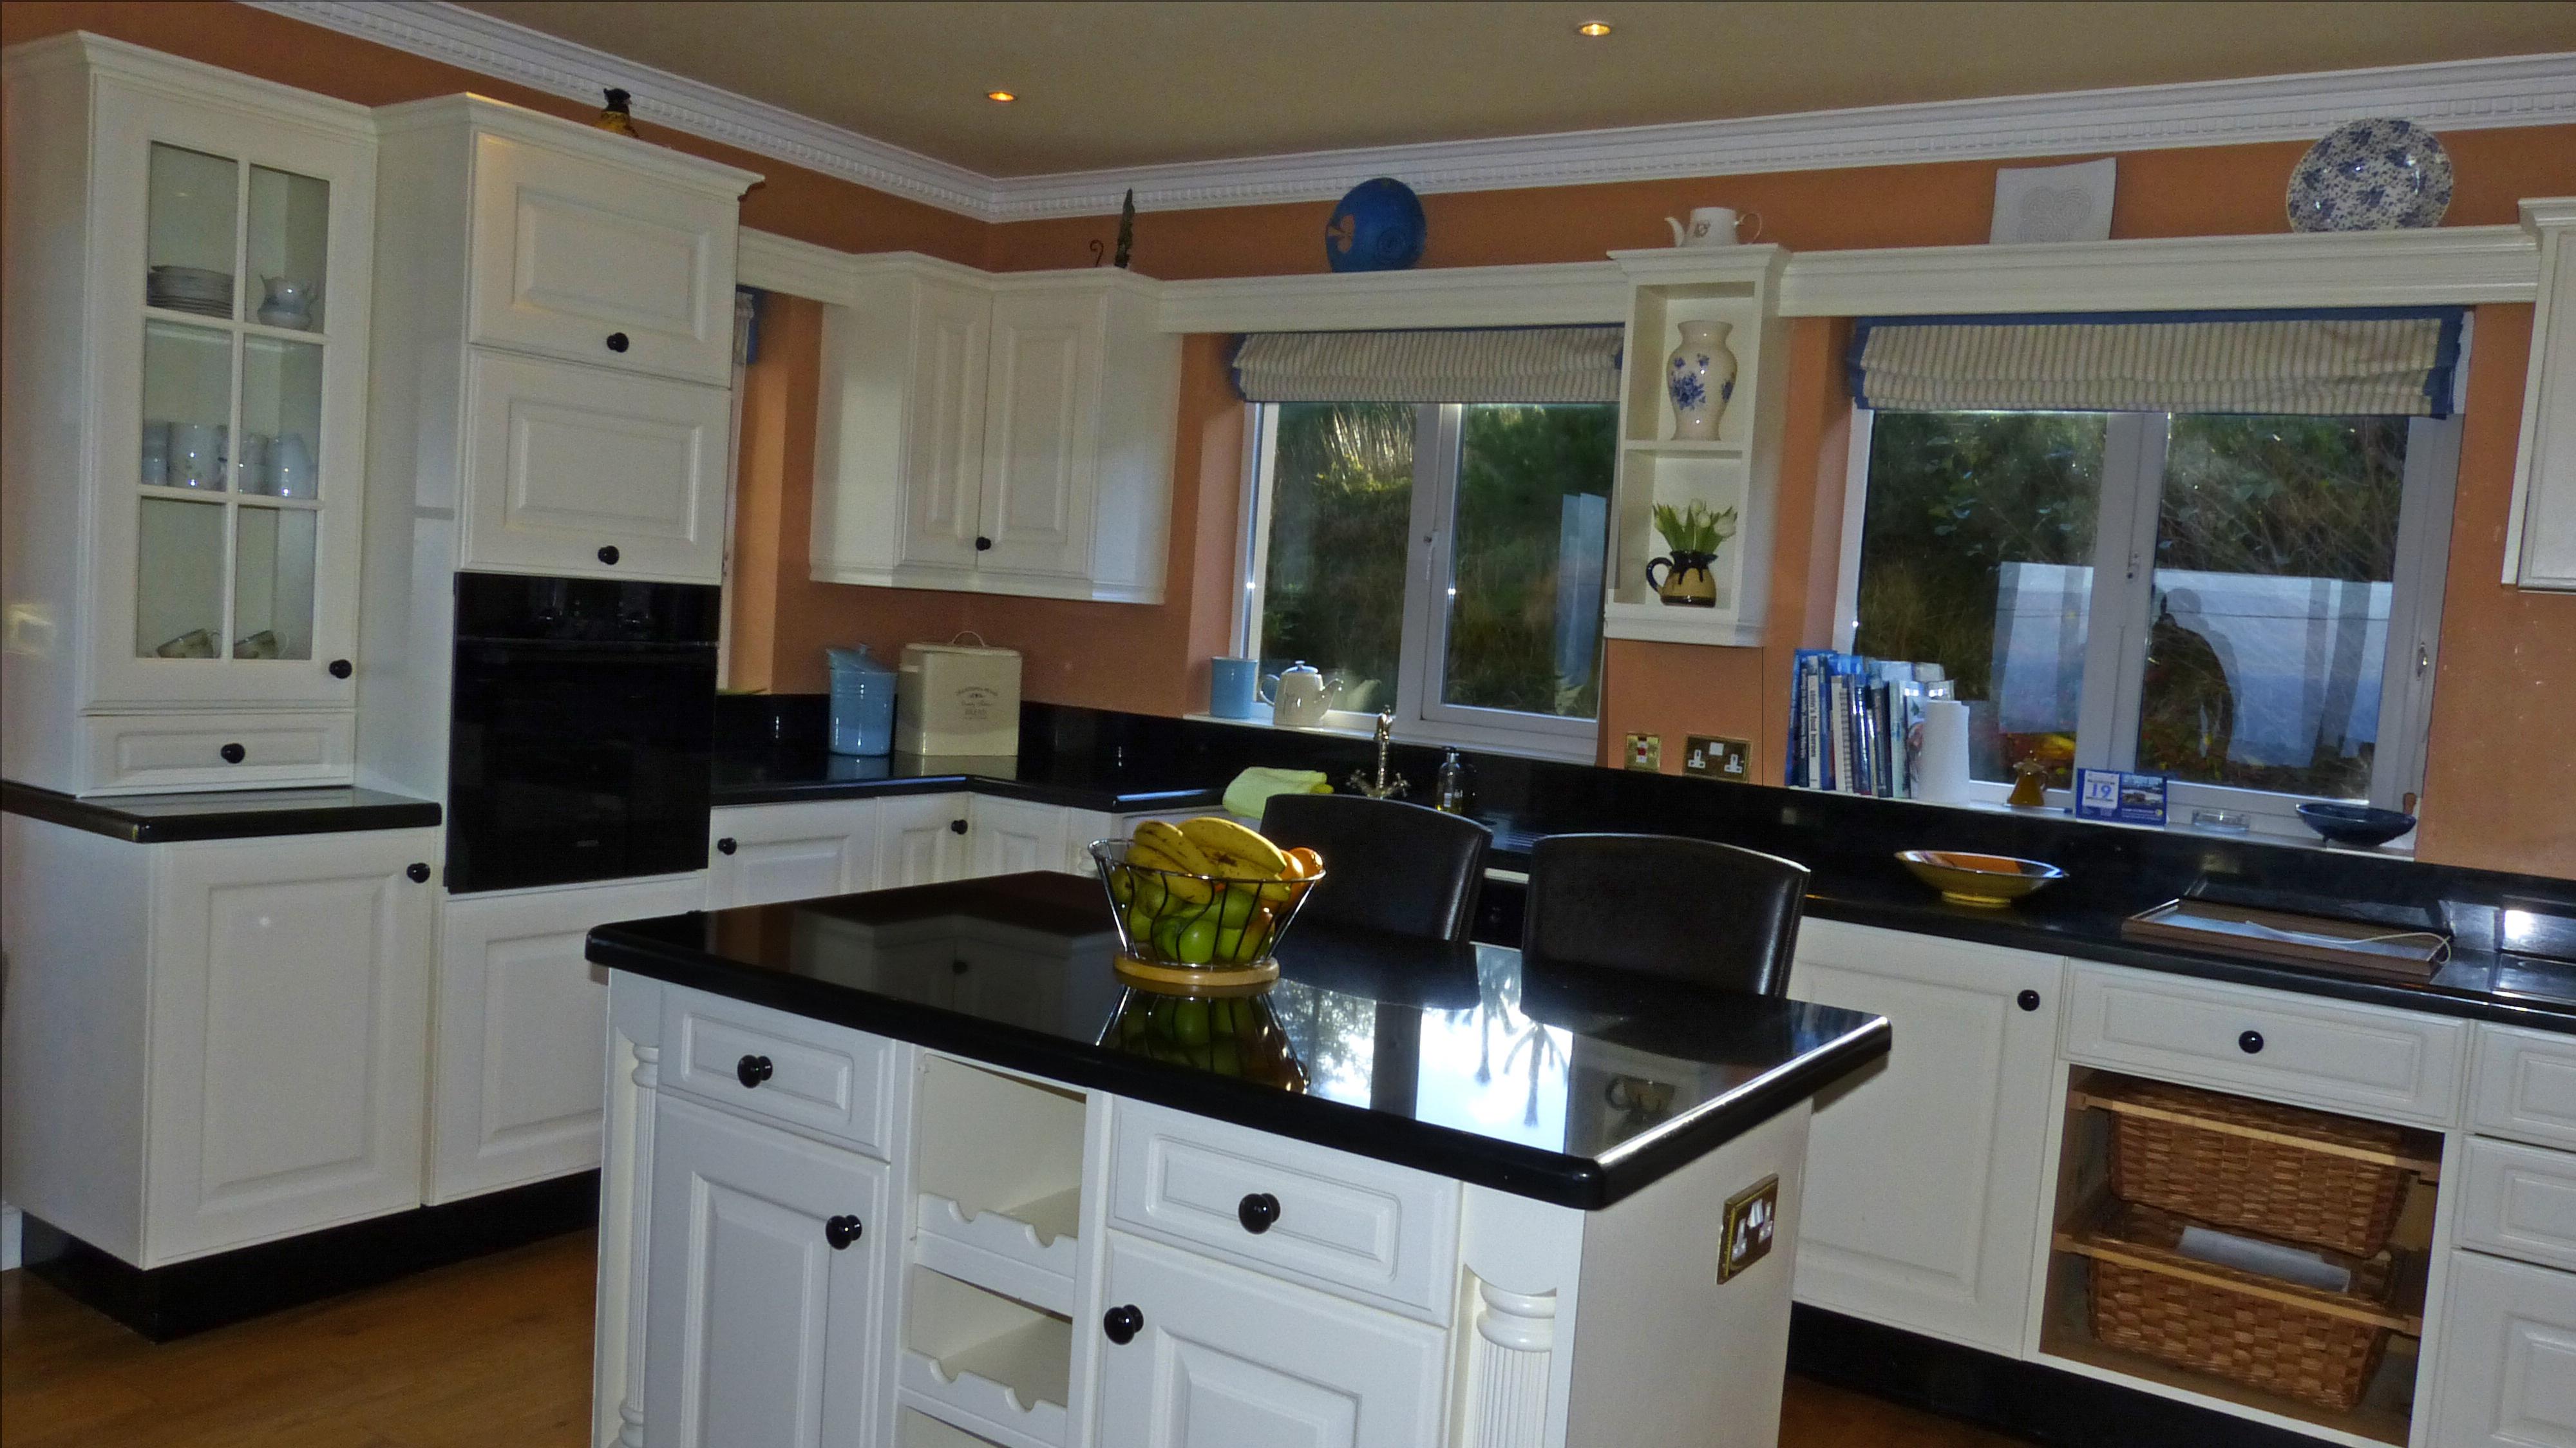 Berühmt Küche Bilder Irland Bilder - Küche Set Ideen ...